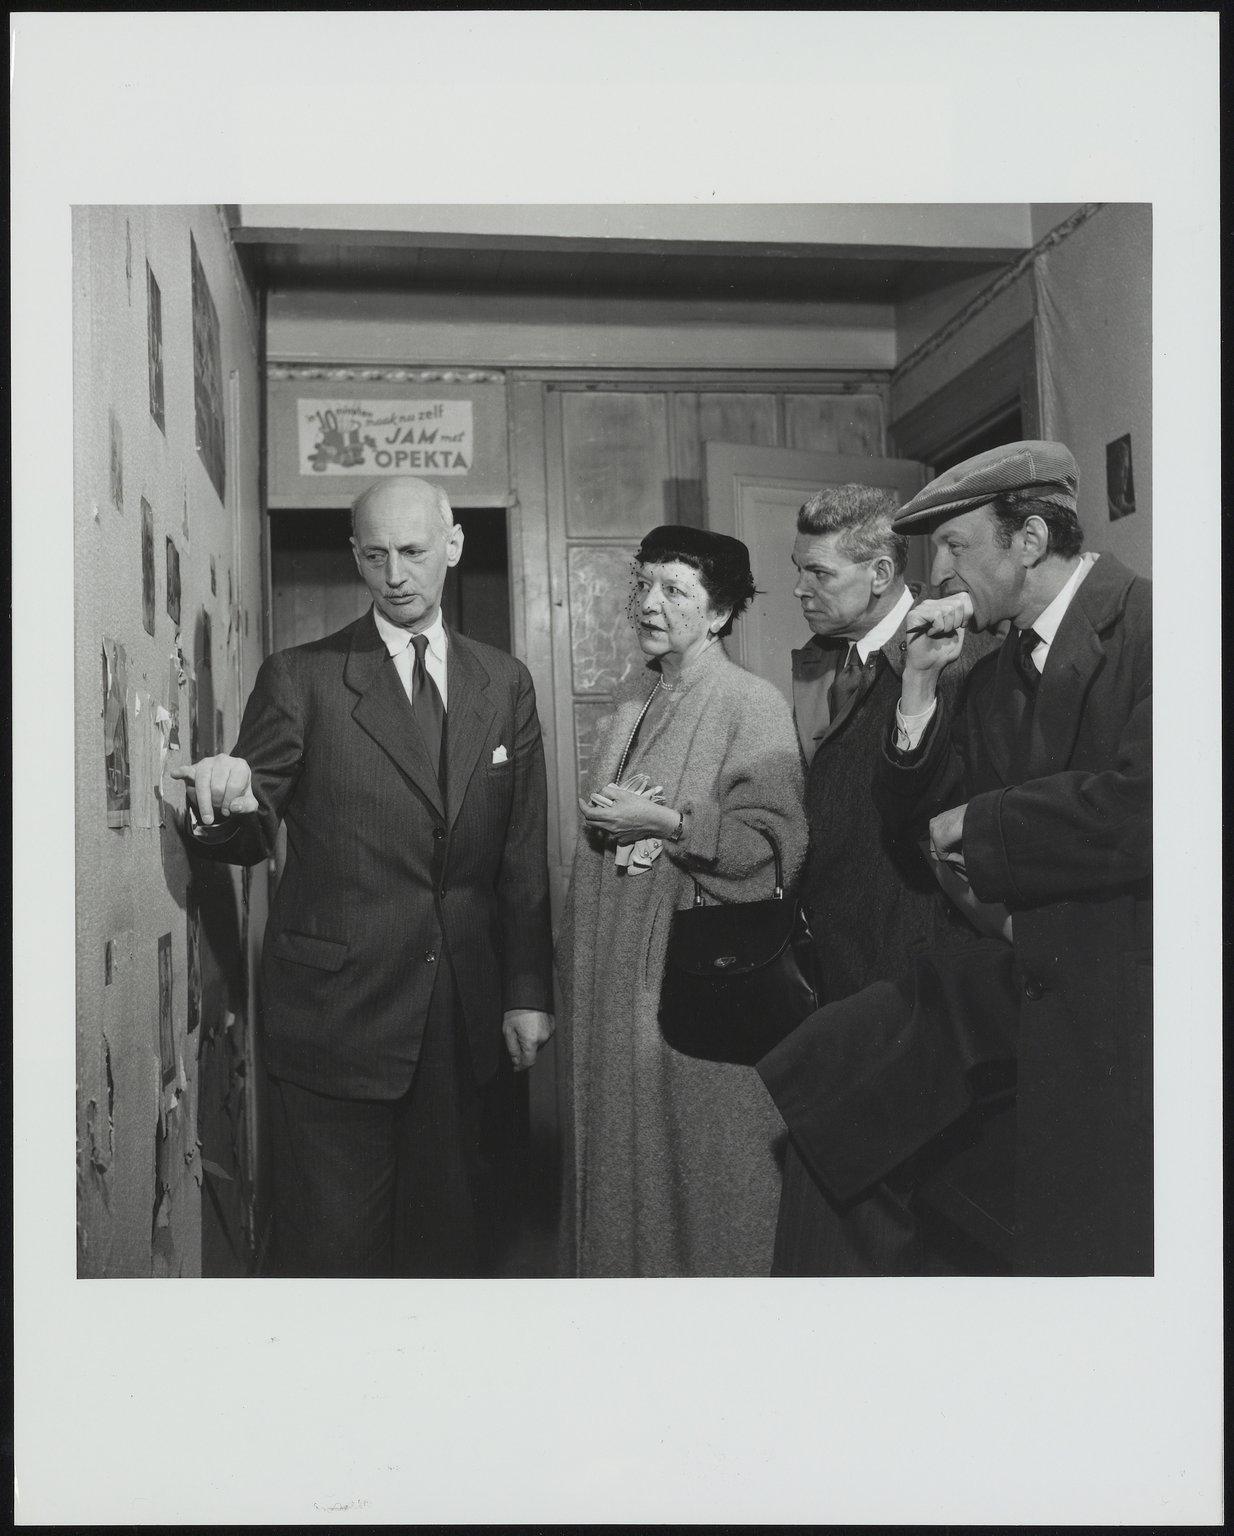 Otto Frank, Frances Goodrich, Albert Hackett en regisseur Garson Kanin in het kamertje van Anne Frank in het Achterhuis. Otto wijst een tekening van Anne aan.